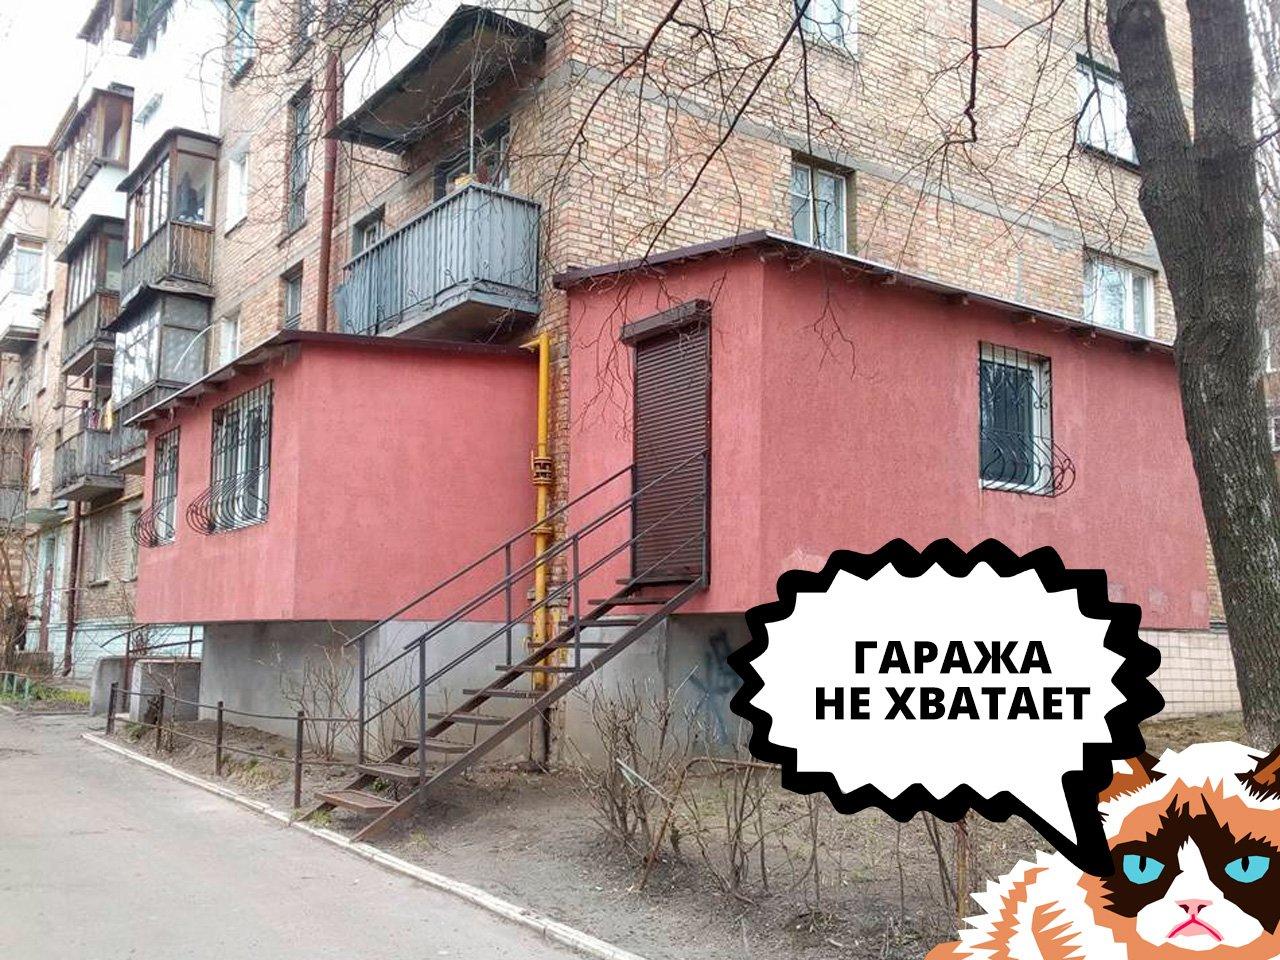 Царь-балконы наступают: как киевляне реагируют на эпидемию, фото-6